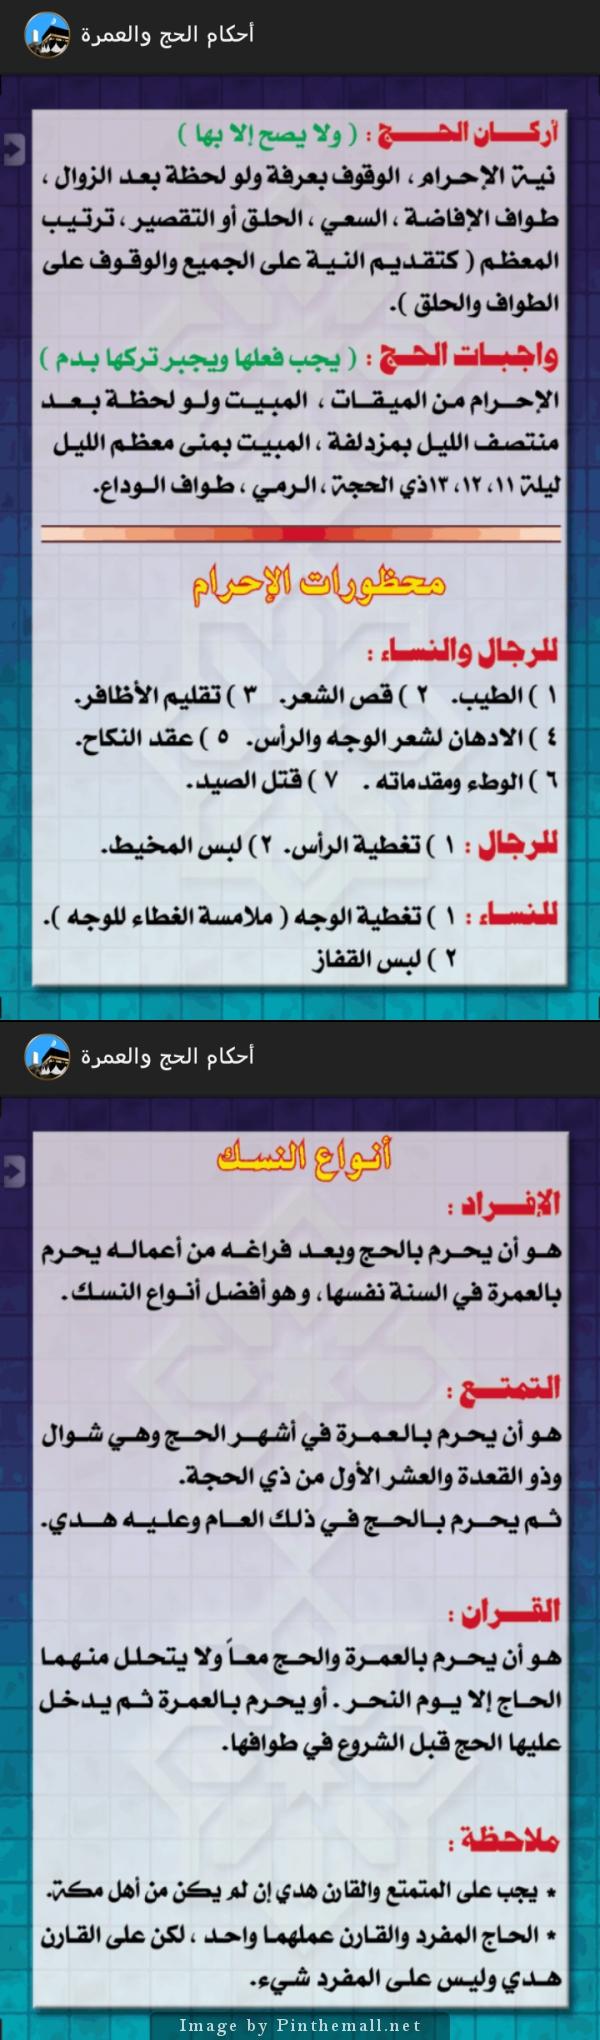 مخطط مناسك الحج والعمرة Android Apps On Google Play Quran Verses Quotes Verses